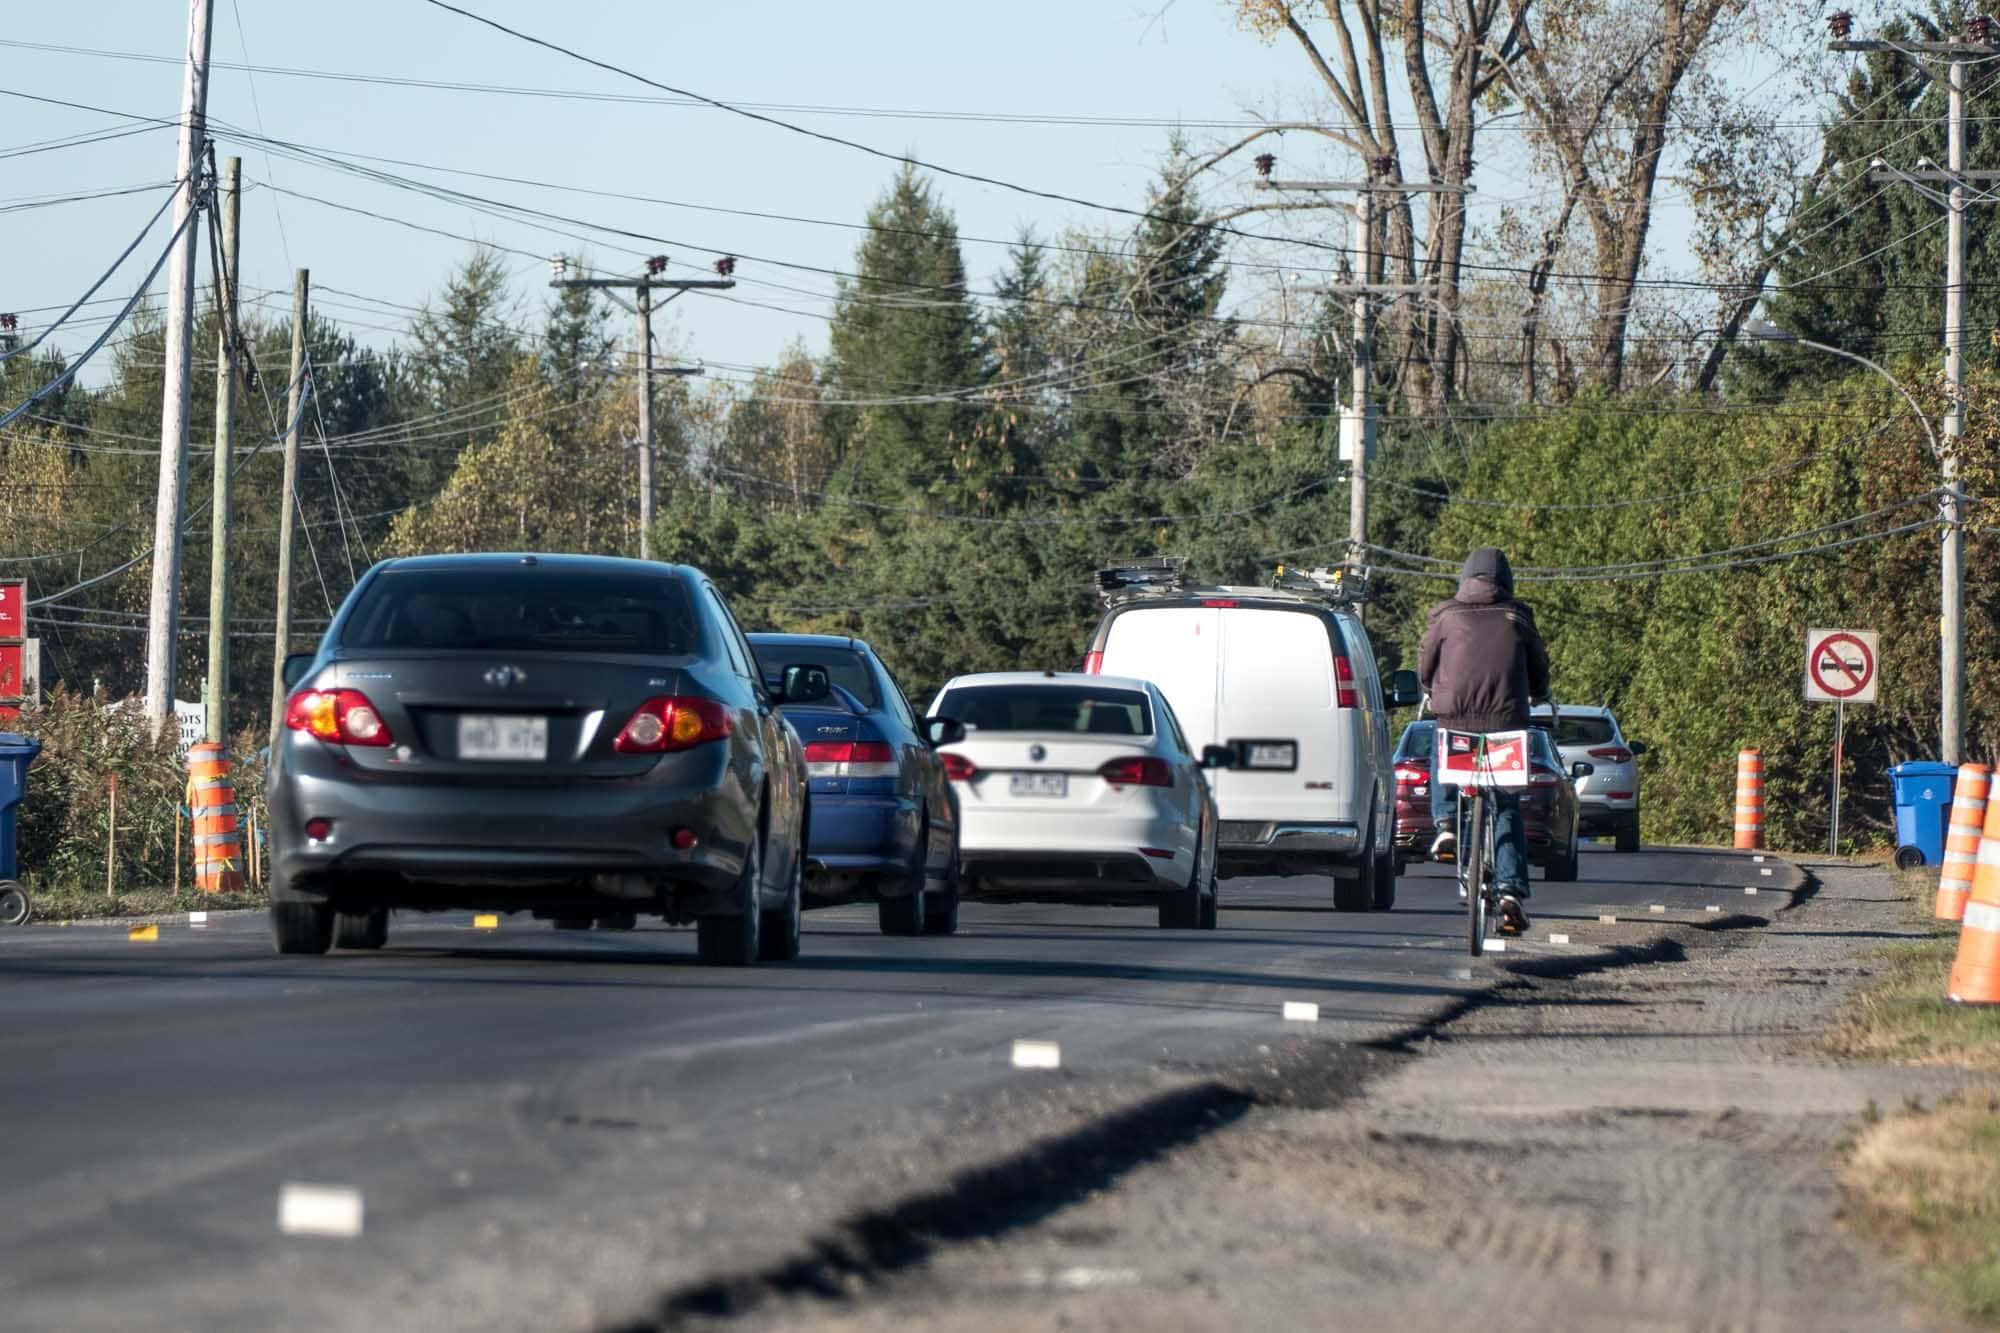 Faute de voies secondaires, les travaux sur la route 158 à Sainte-Sophie ont presque toujours des conséquences importantes sur la circulation des voitures, des camions... et des vélos.